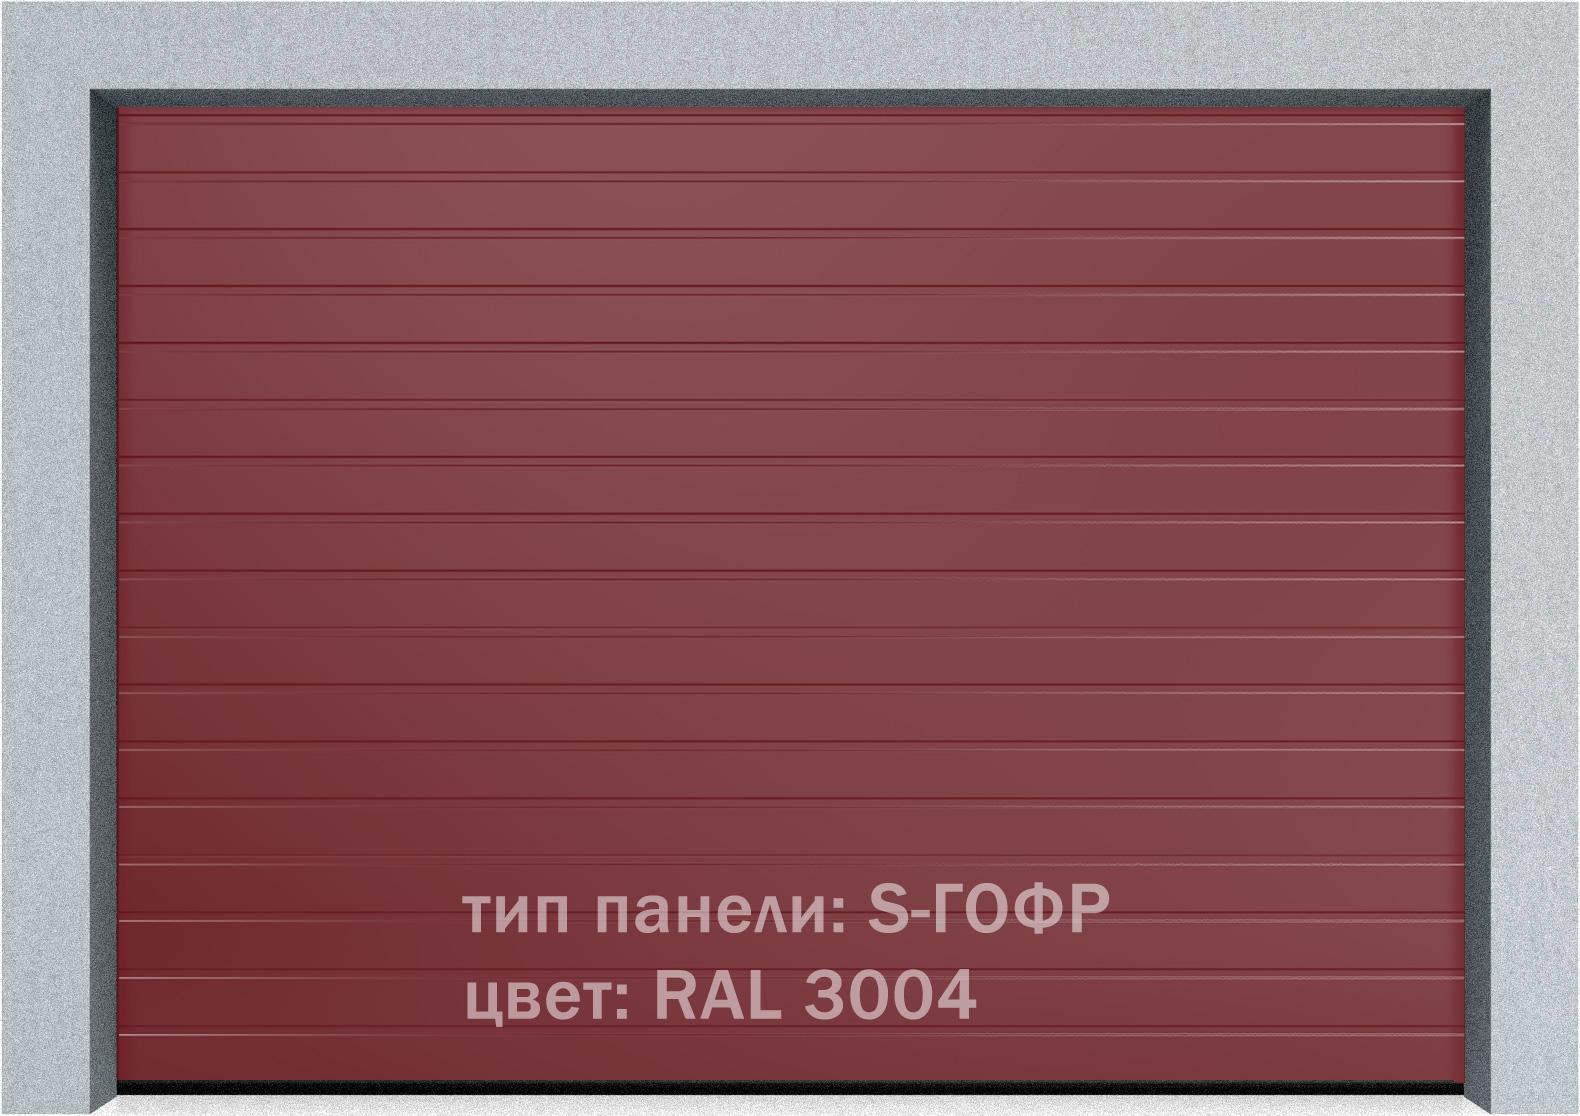 Секционные промышленные ворота Alutech ProTrend 2500х2000 S-гофр, Микроволна стандартные цвета, фото 5